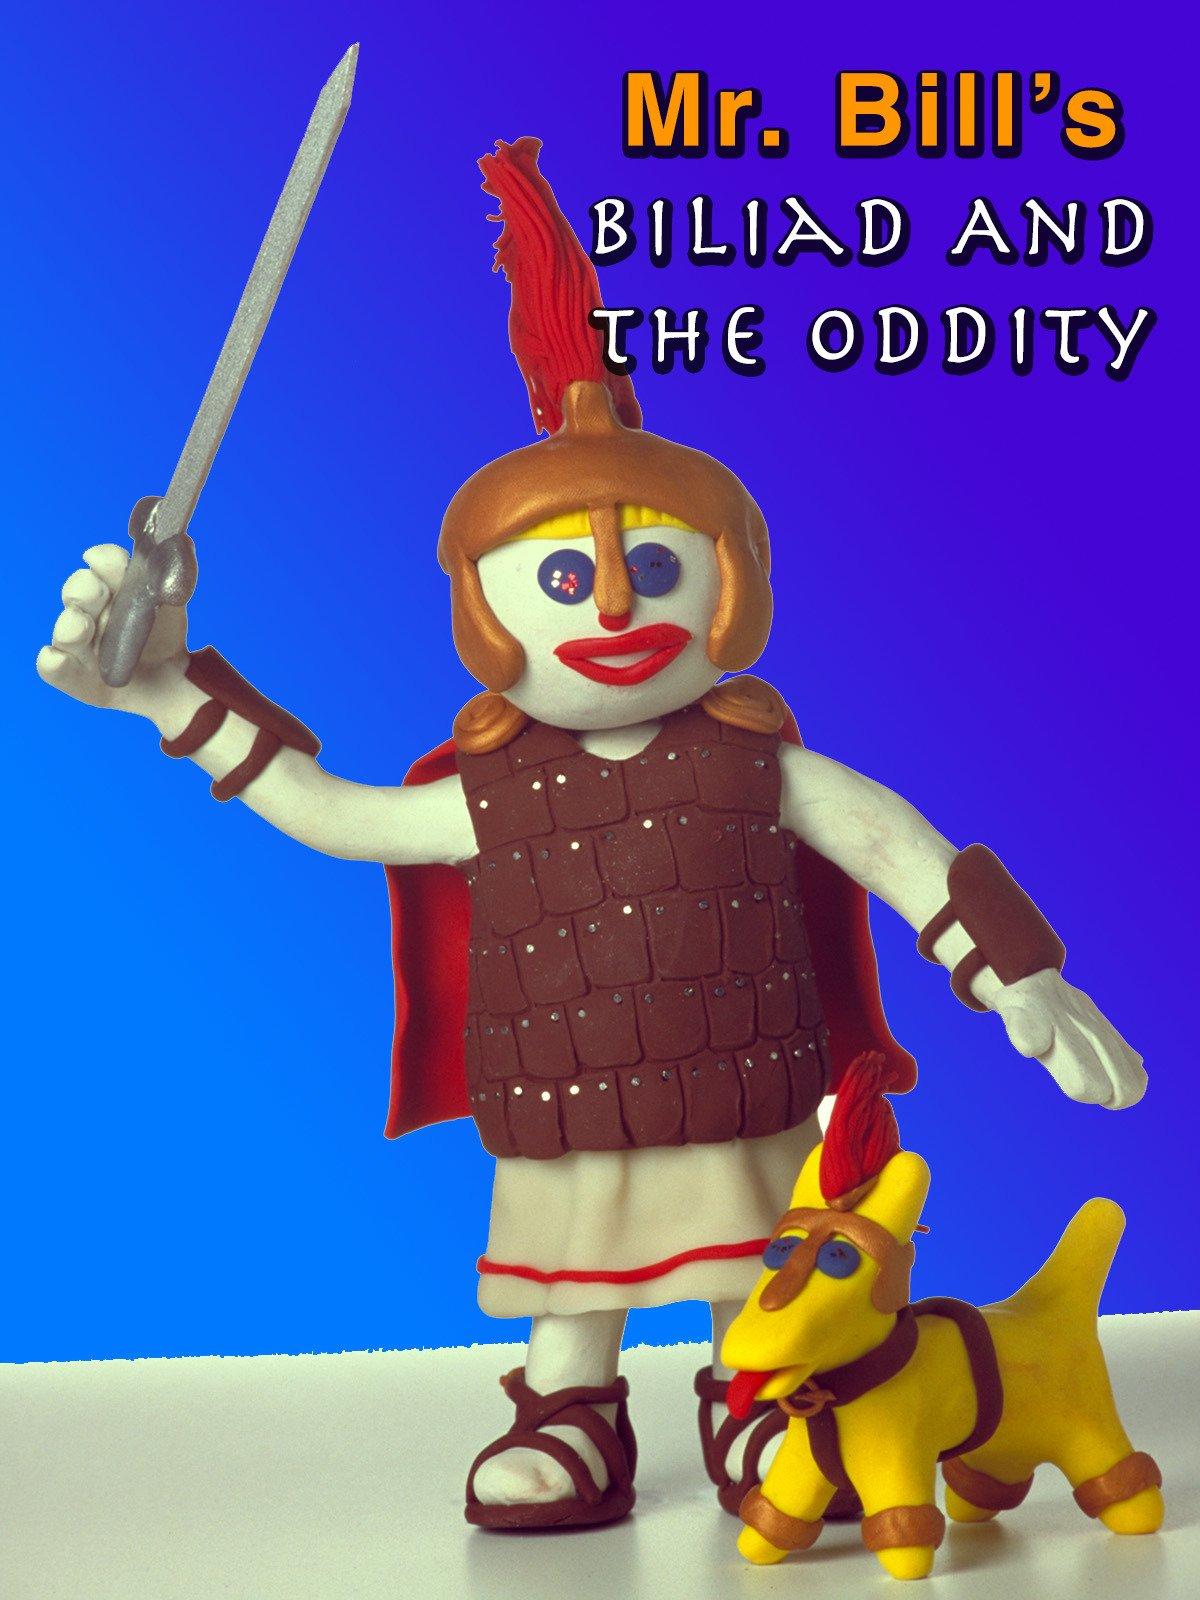 Mr. Bill's Biliad and the Oddity